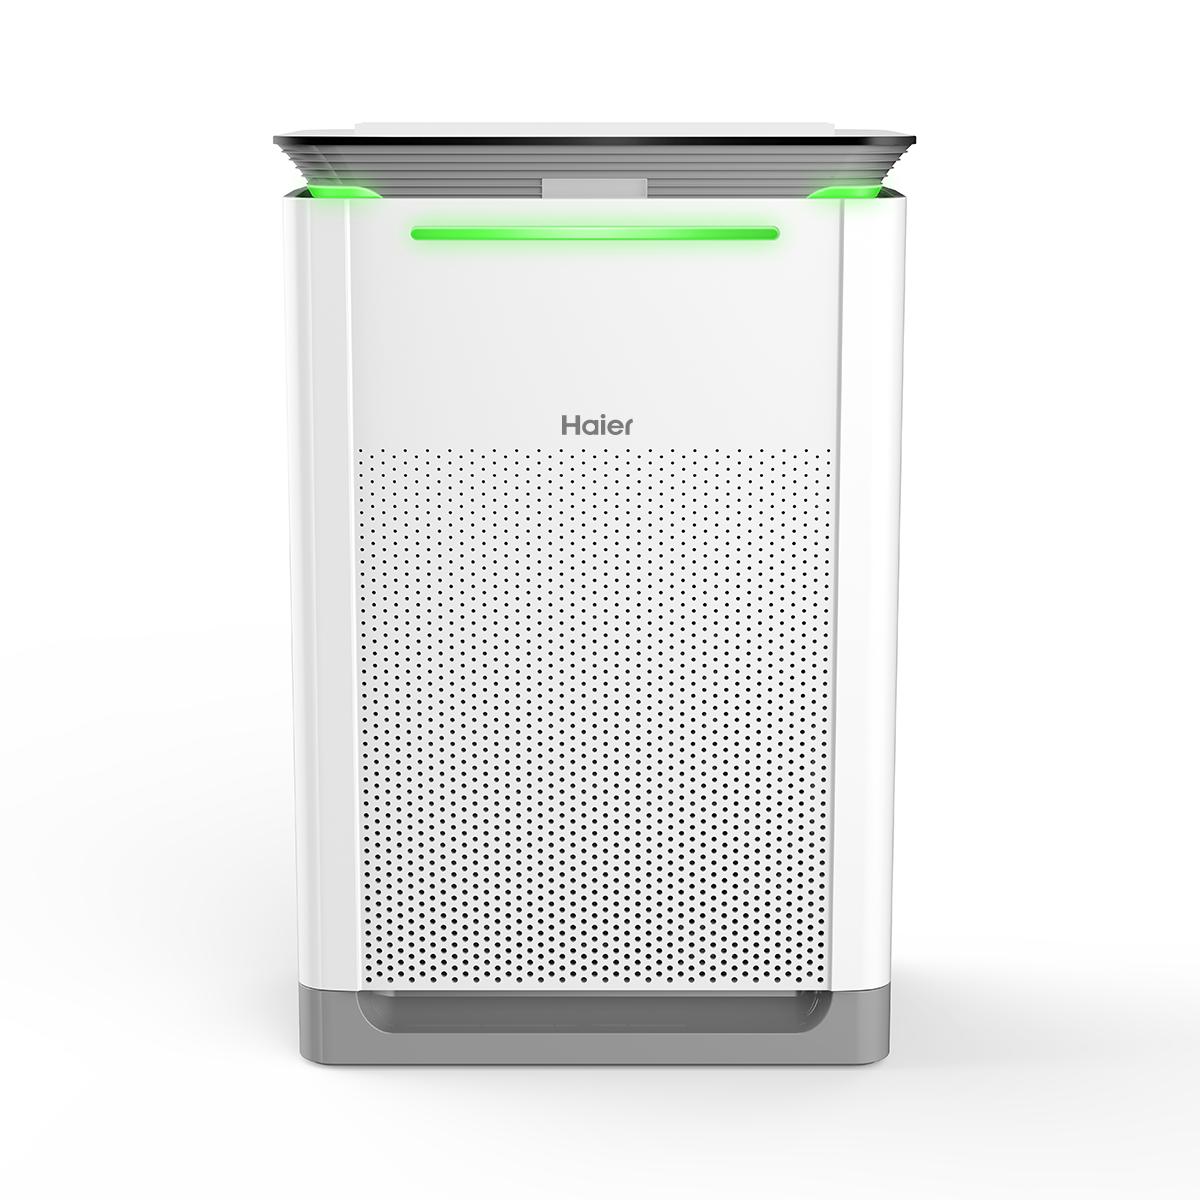 [帝天智能电器生活馆空气净化,氧吧]Haier/海尔 空气净化器 KJ4月销量0件仅售2400元